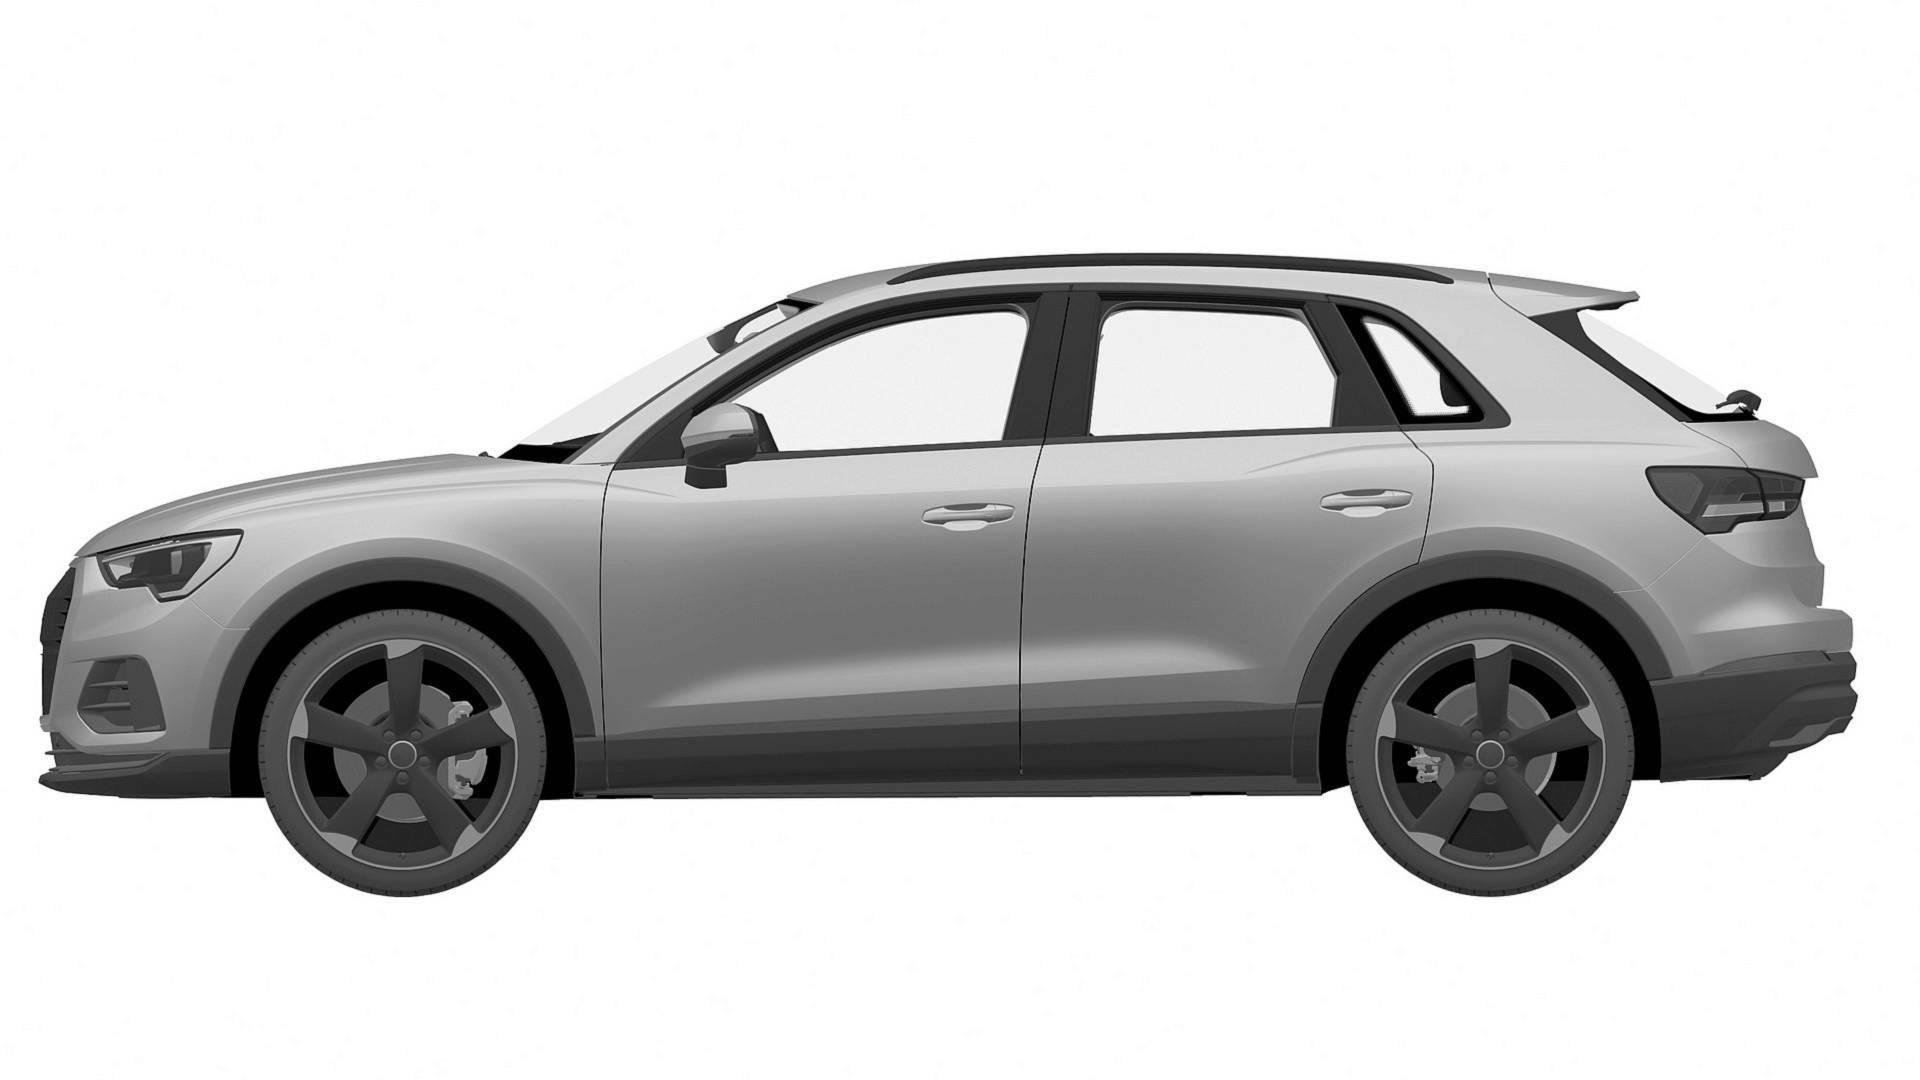 Audi SQ3 patent images 3